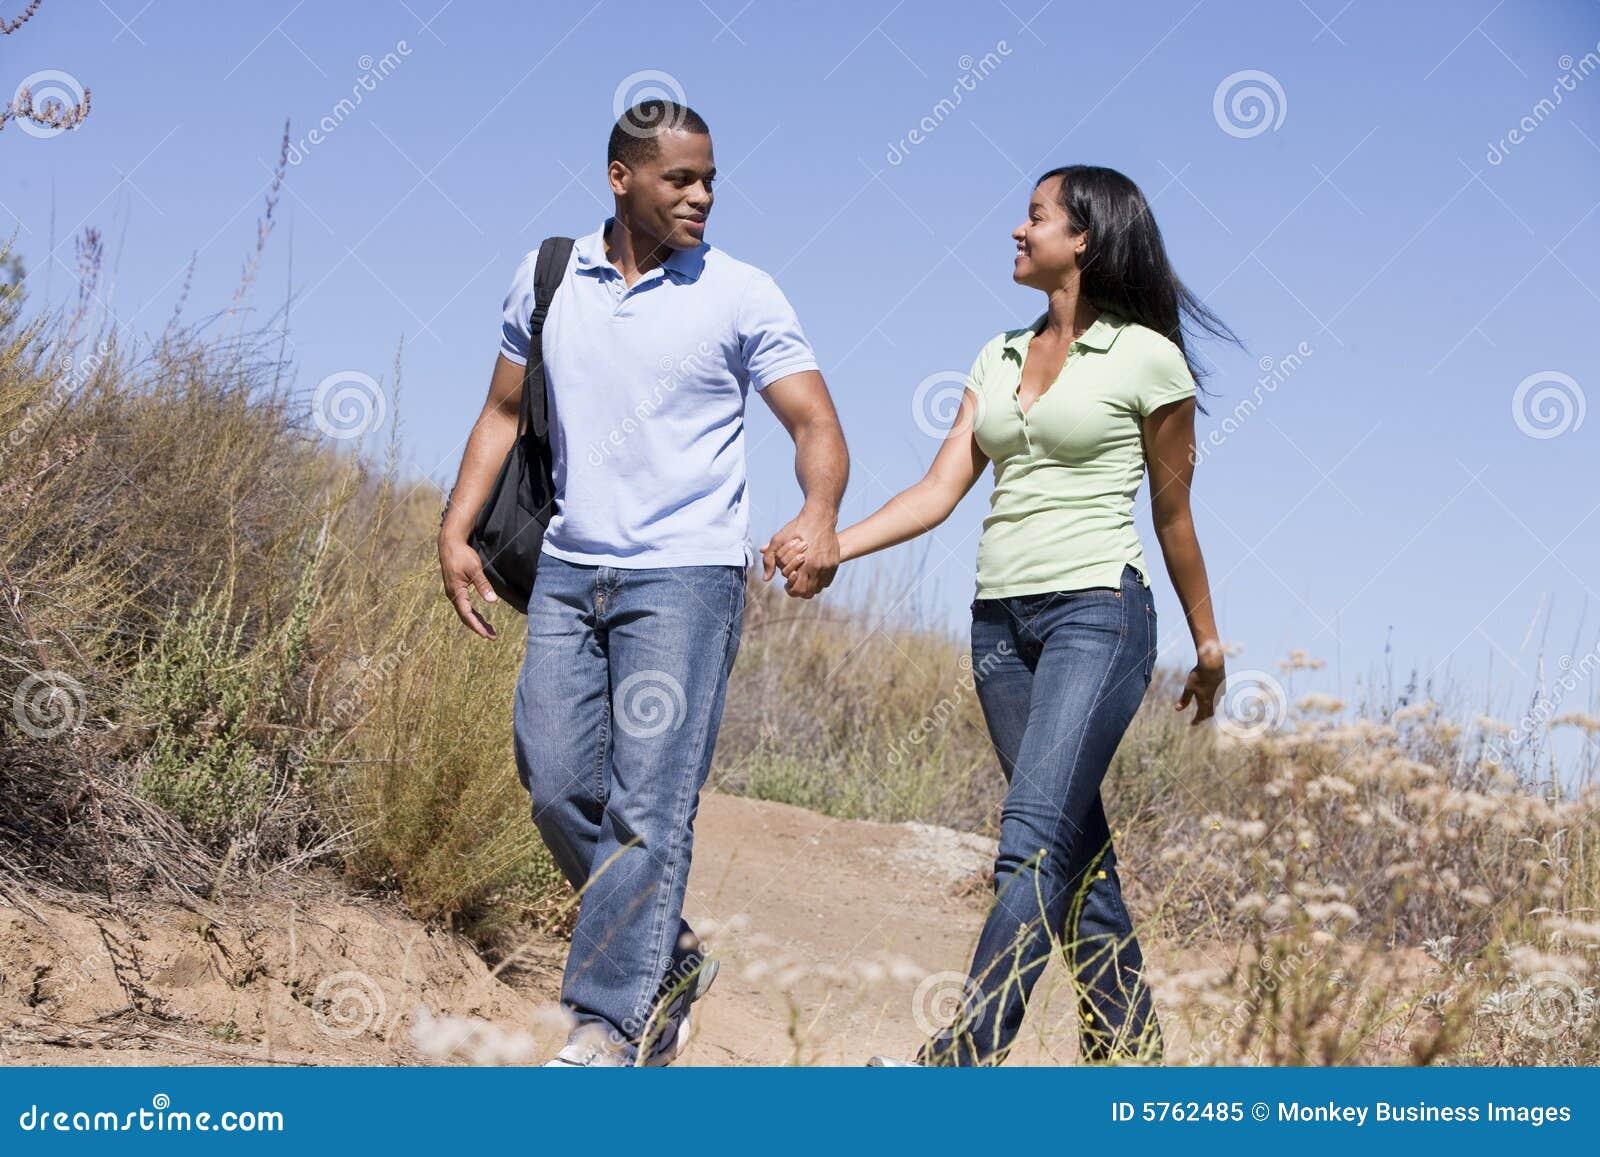 Coppia camminare sulle mani della holding del percorso e sorridere